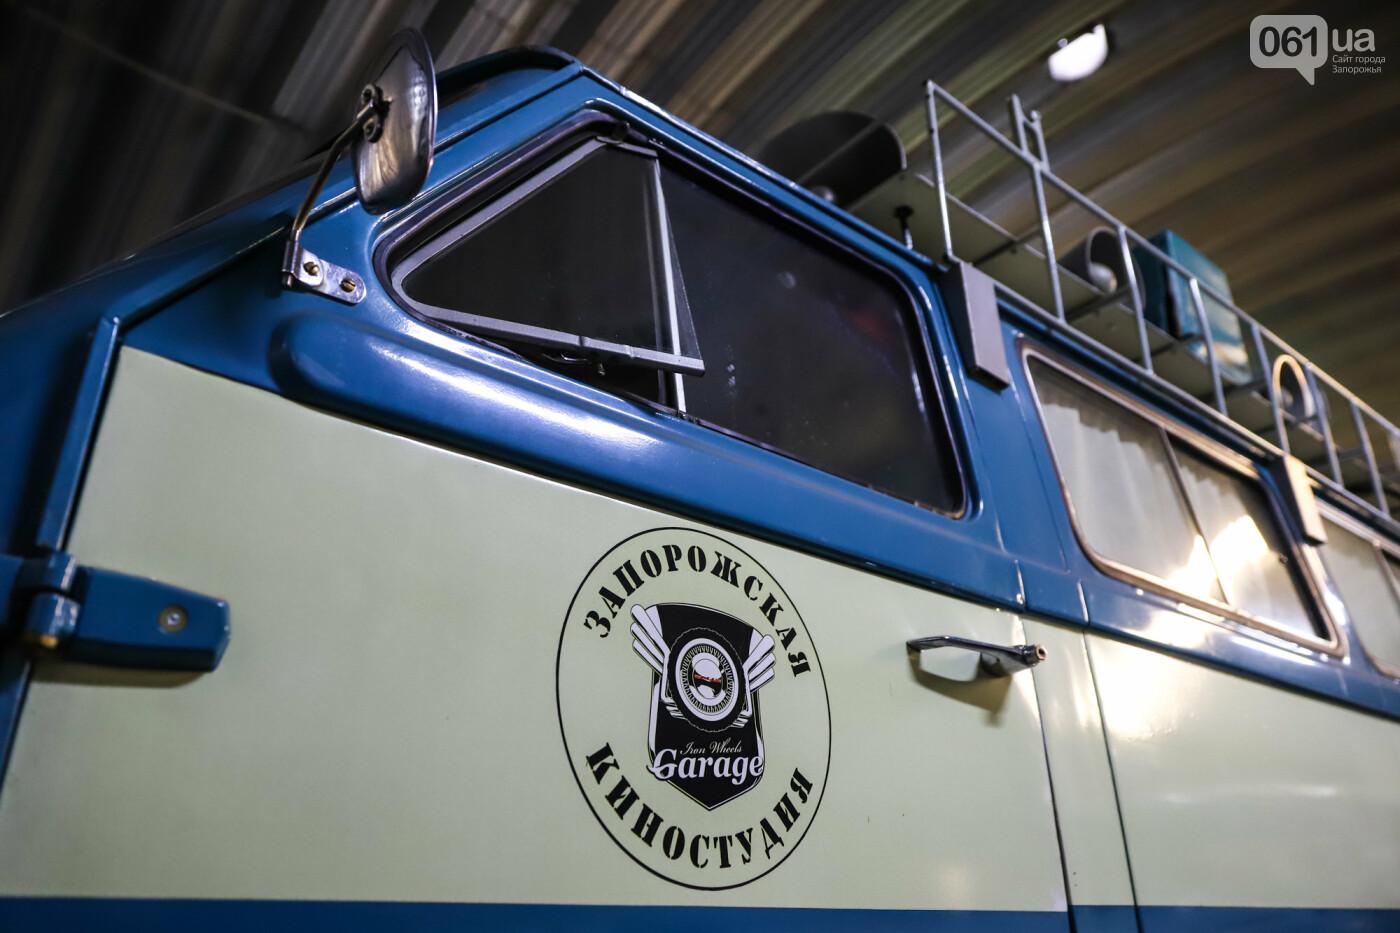 В Запорожье на месте зеленхоза одного из заводов появится Музей специального транспорта, - ФОТОРЕПОРТАЖ, фото-4